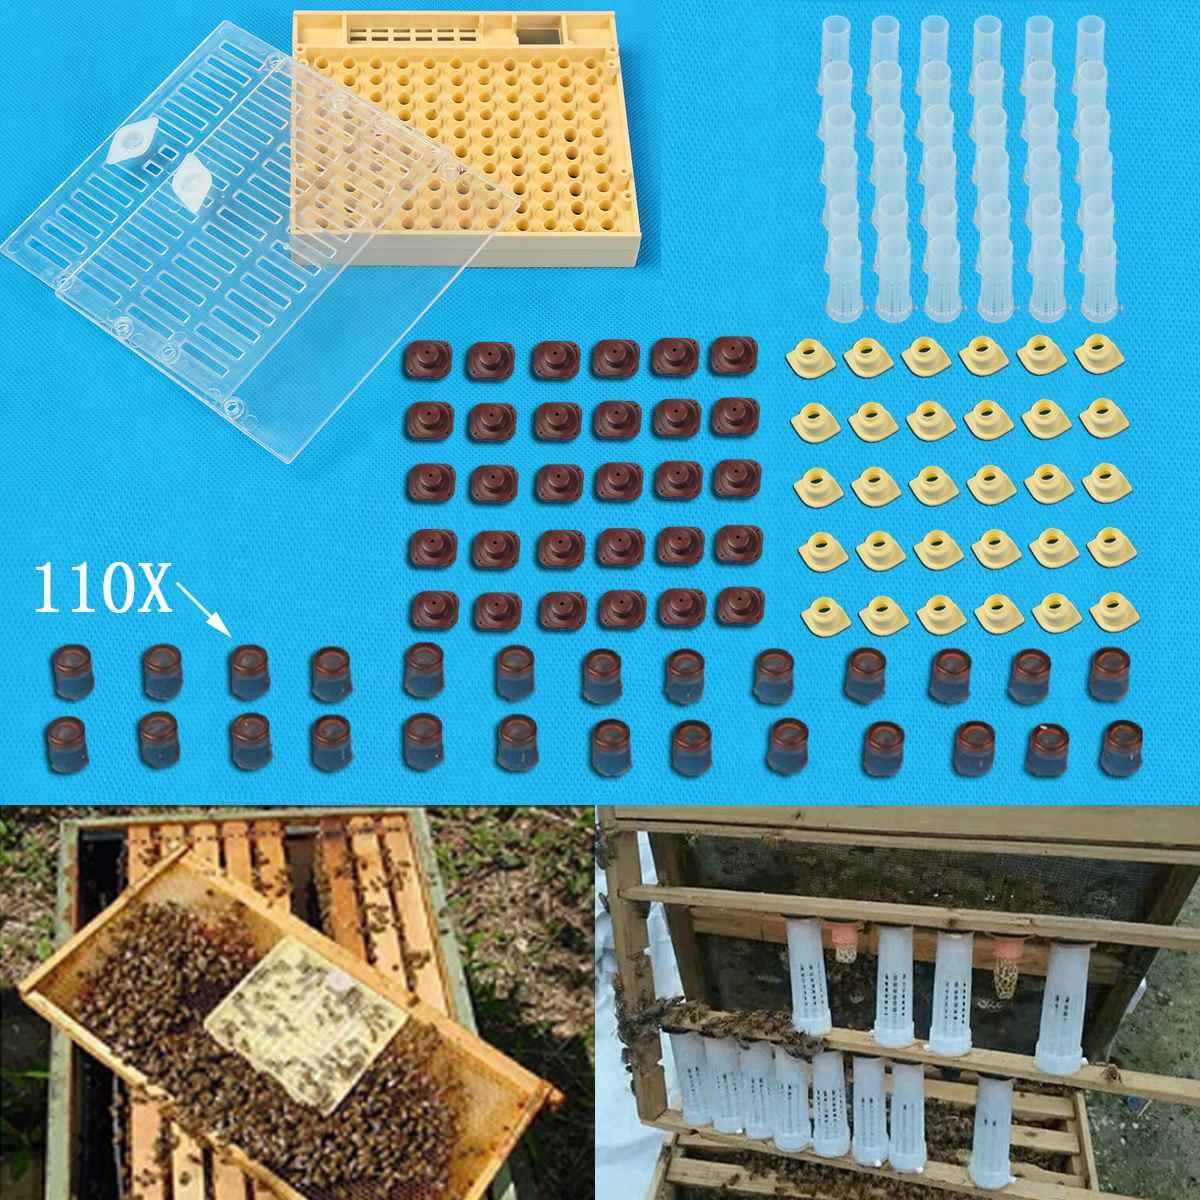 Apiculture Reine D'élevage Cupkit Boîte 110x Brun Cellulaire Tasses Système Cupularve Outils Apiculteur Outils Apiculture Fournisseur